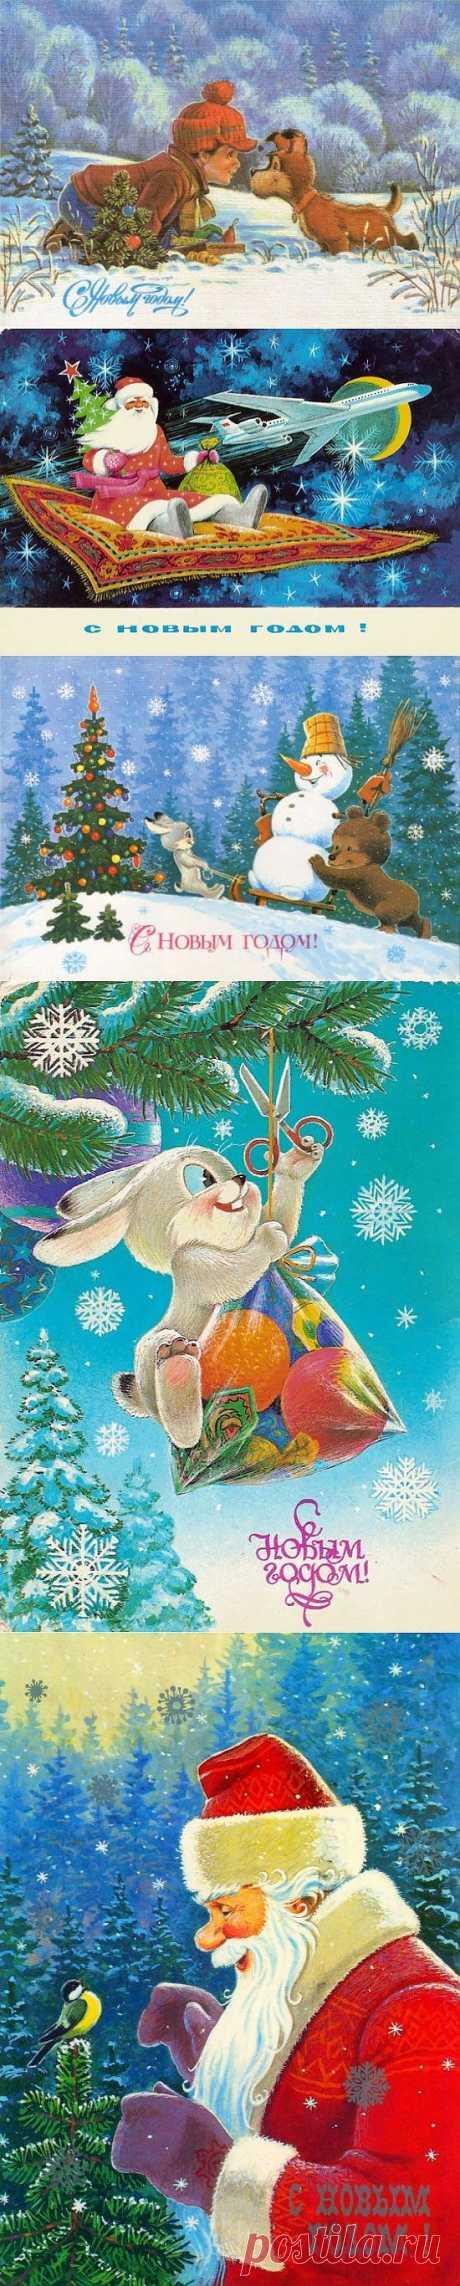 Старые новогодние открытки / Назад в СССР